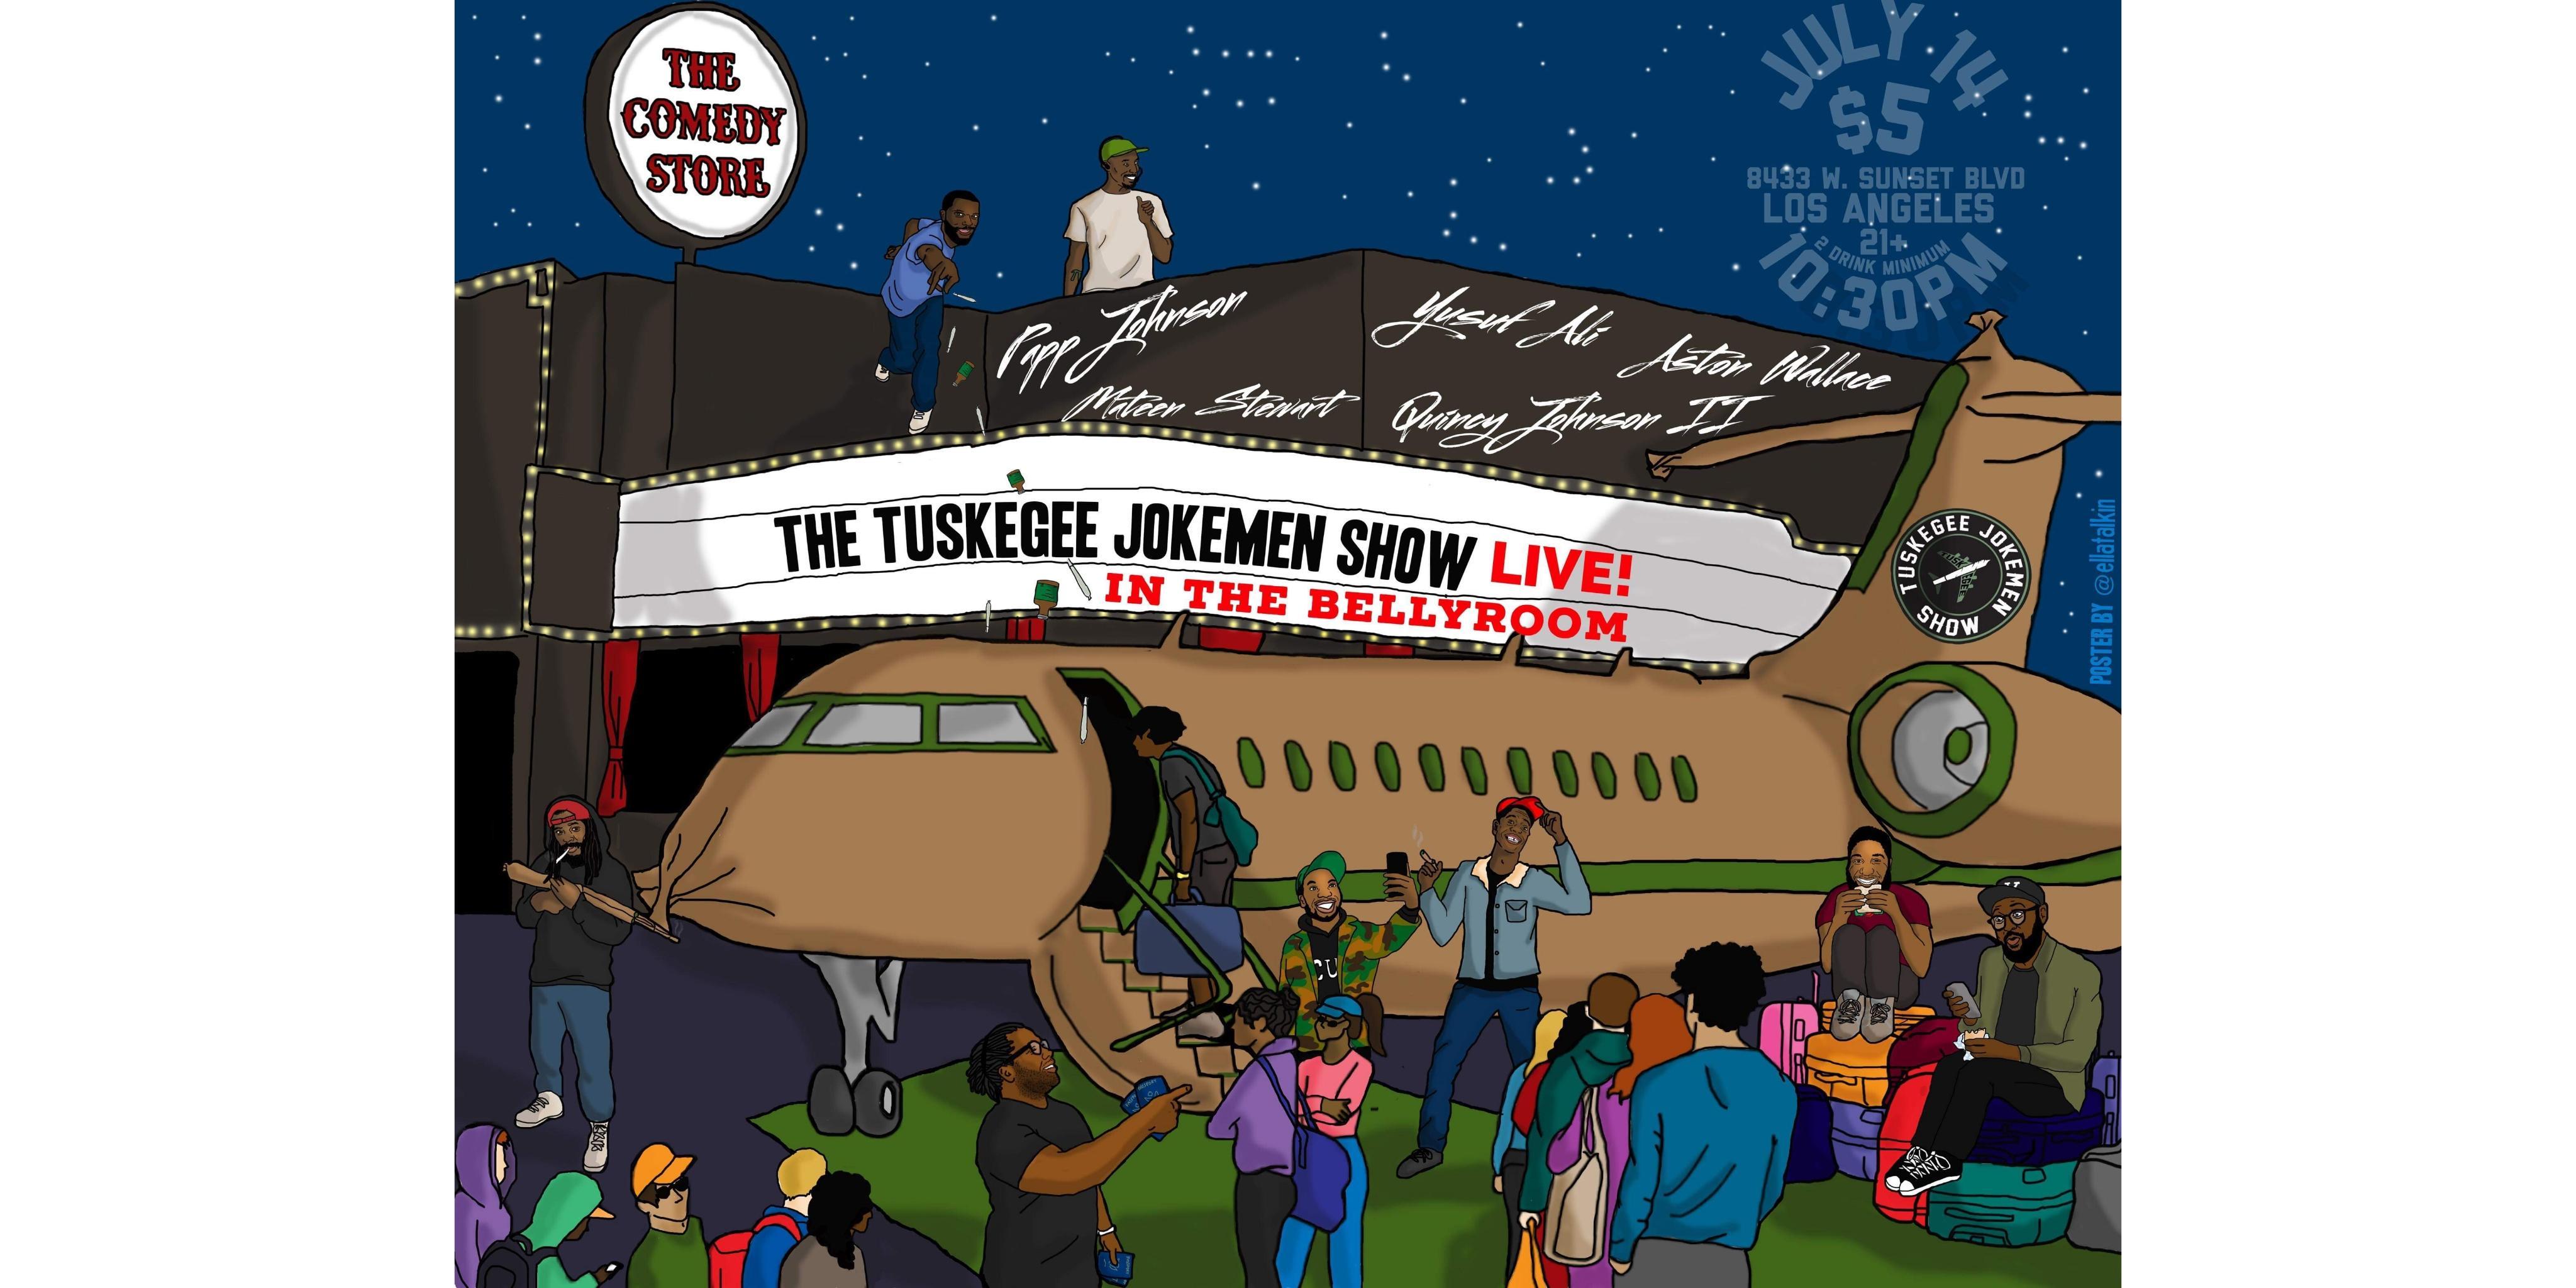 The Tuskegee Jokemen Show